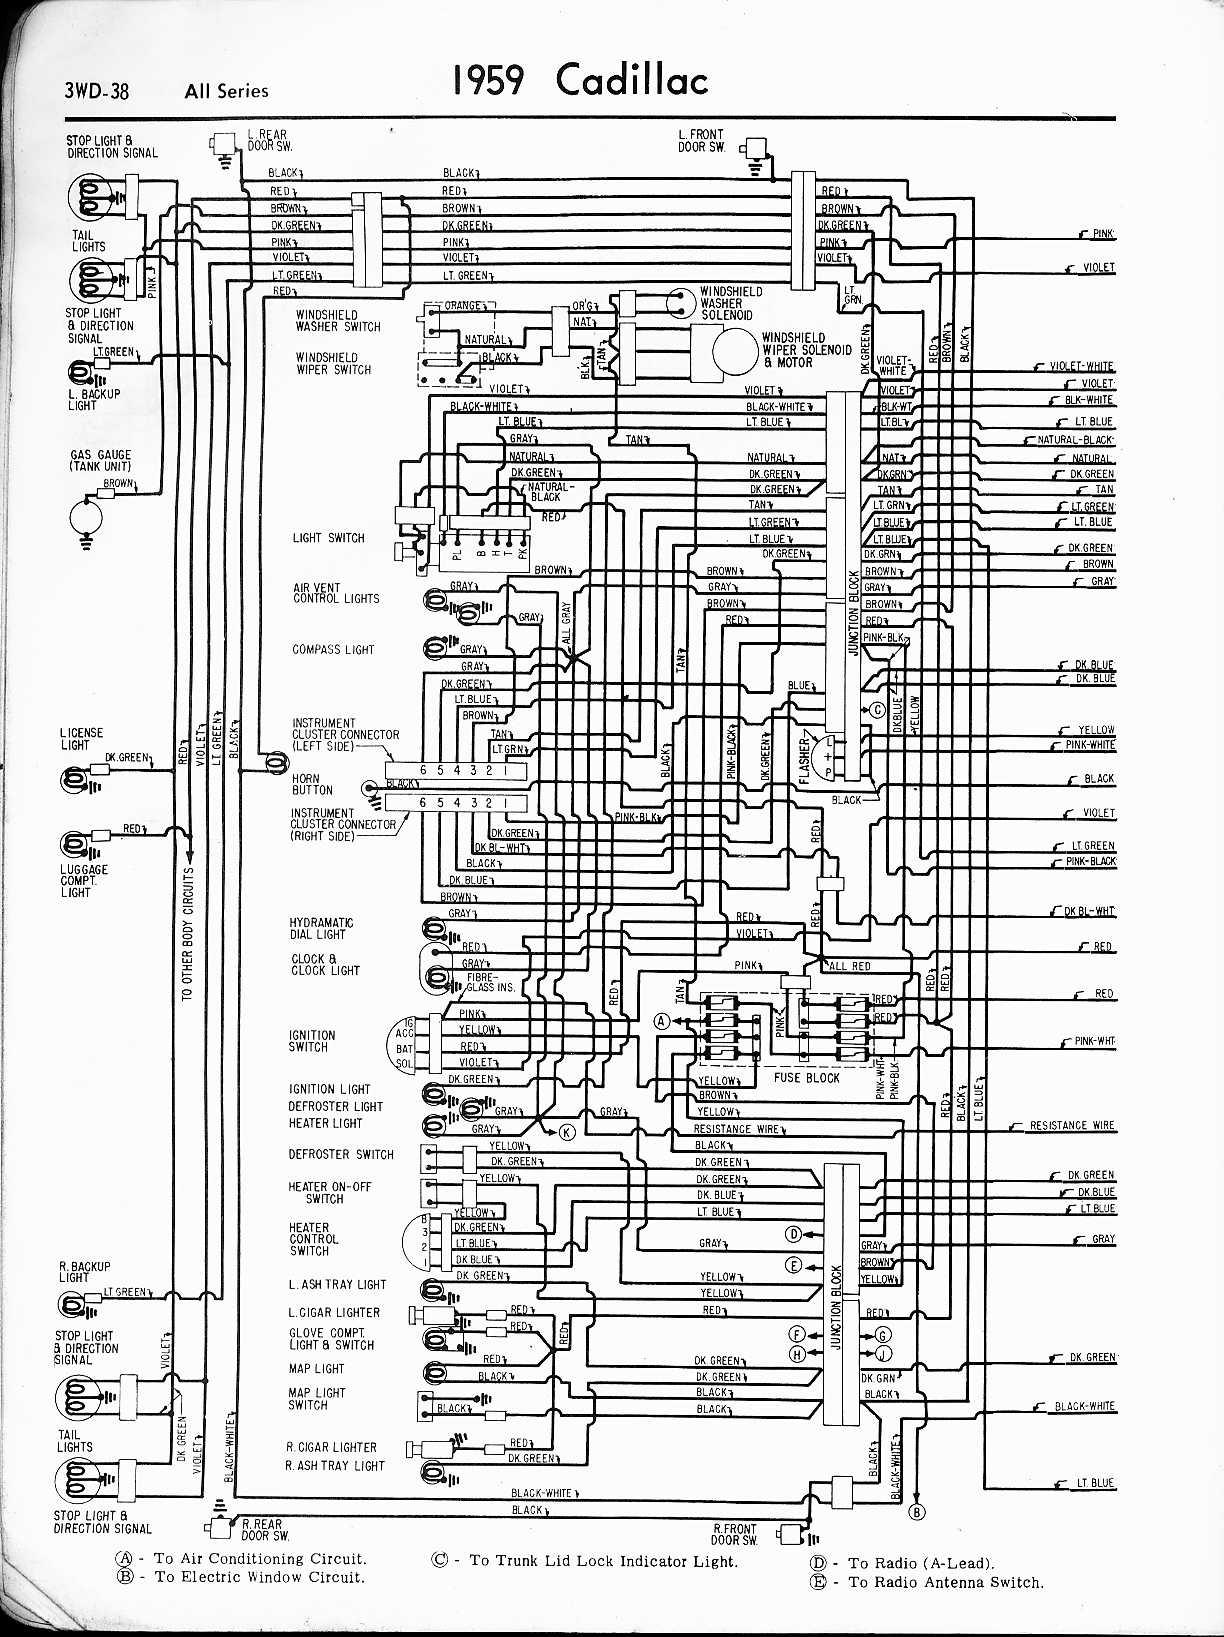 1967 Chevrolet El Camino Wiring Schematic Diagram